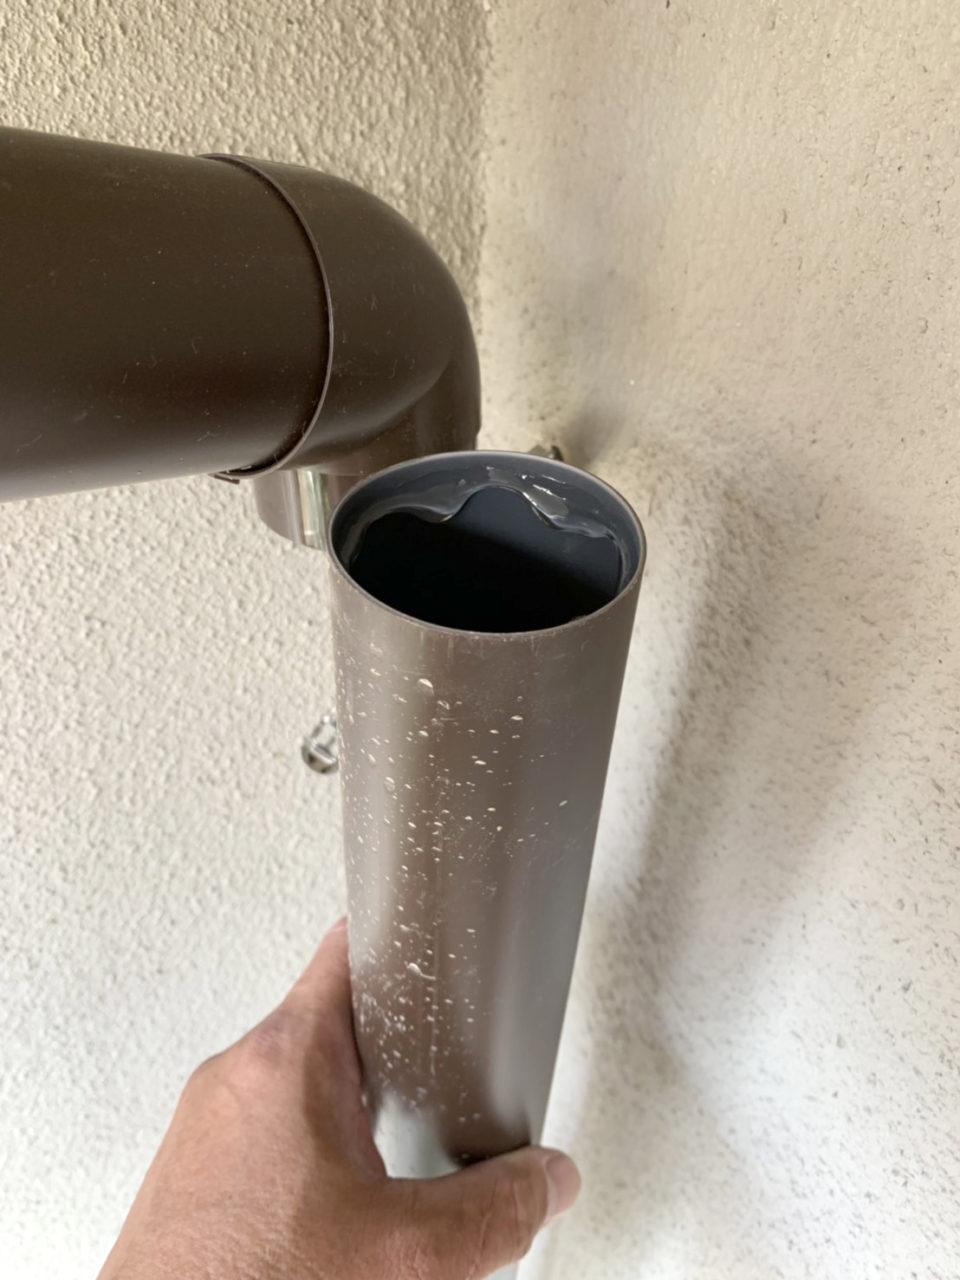 立て樋(屋根から集まった雨水を下へ送る筒状の装置)の取り付け工事1